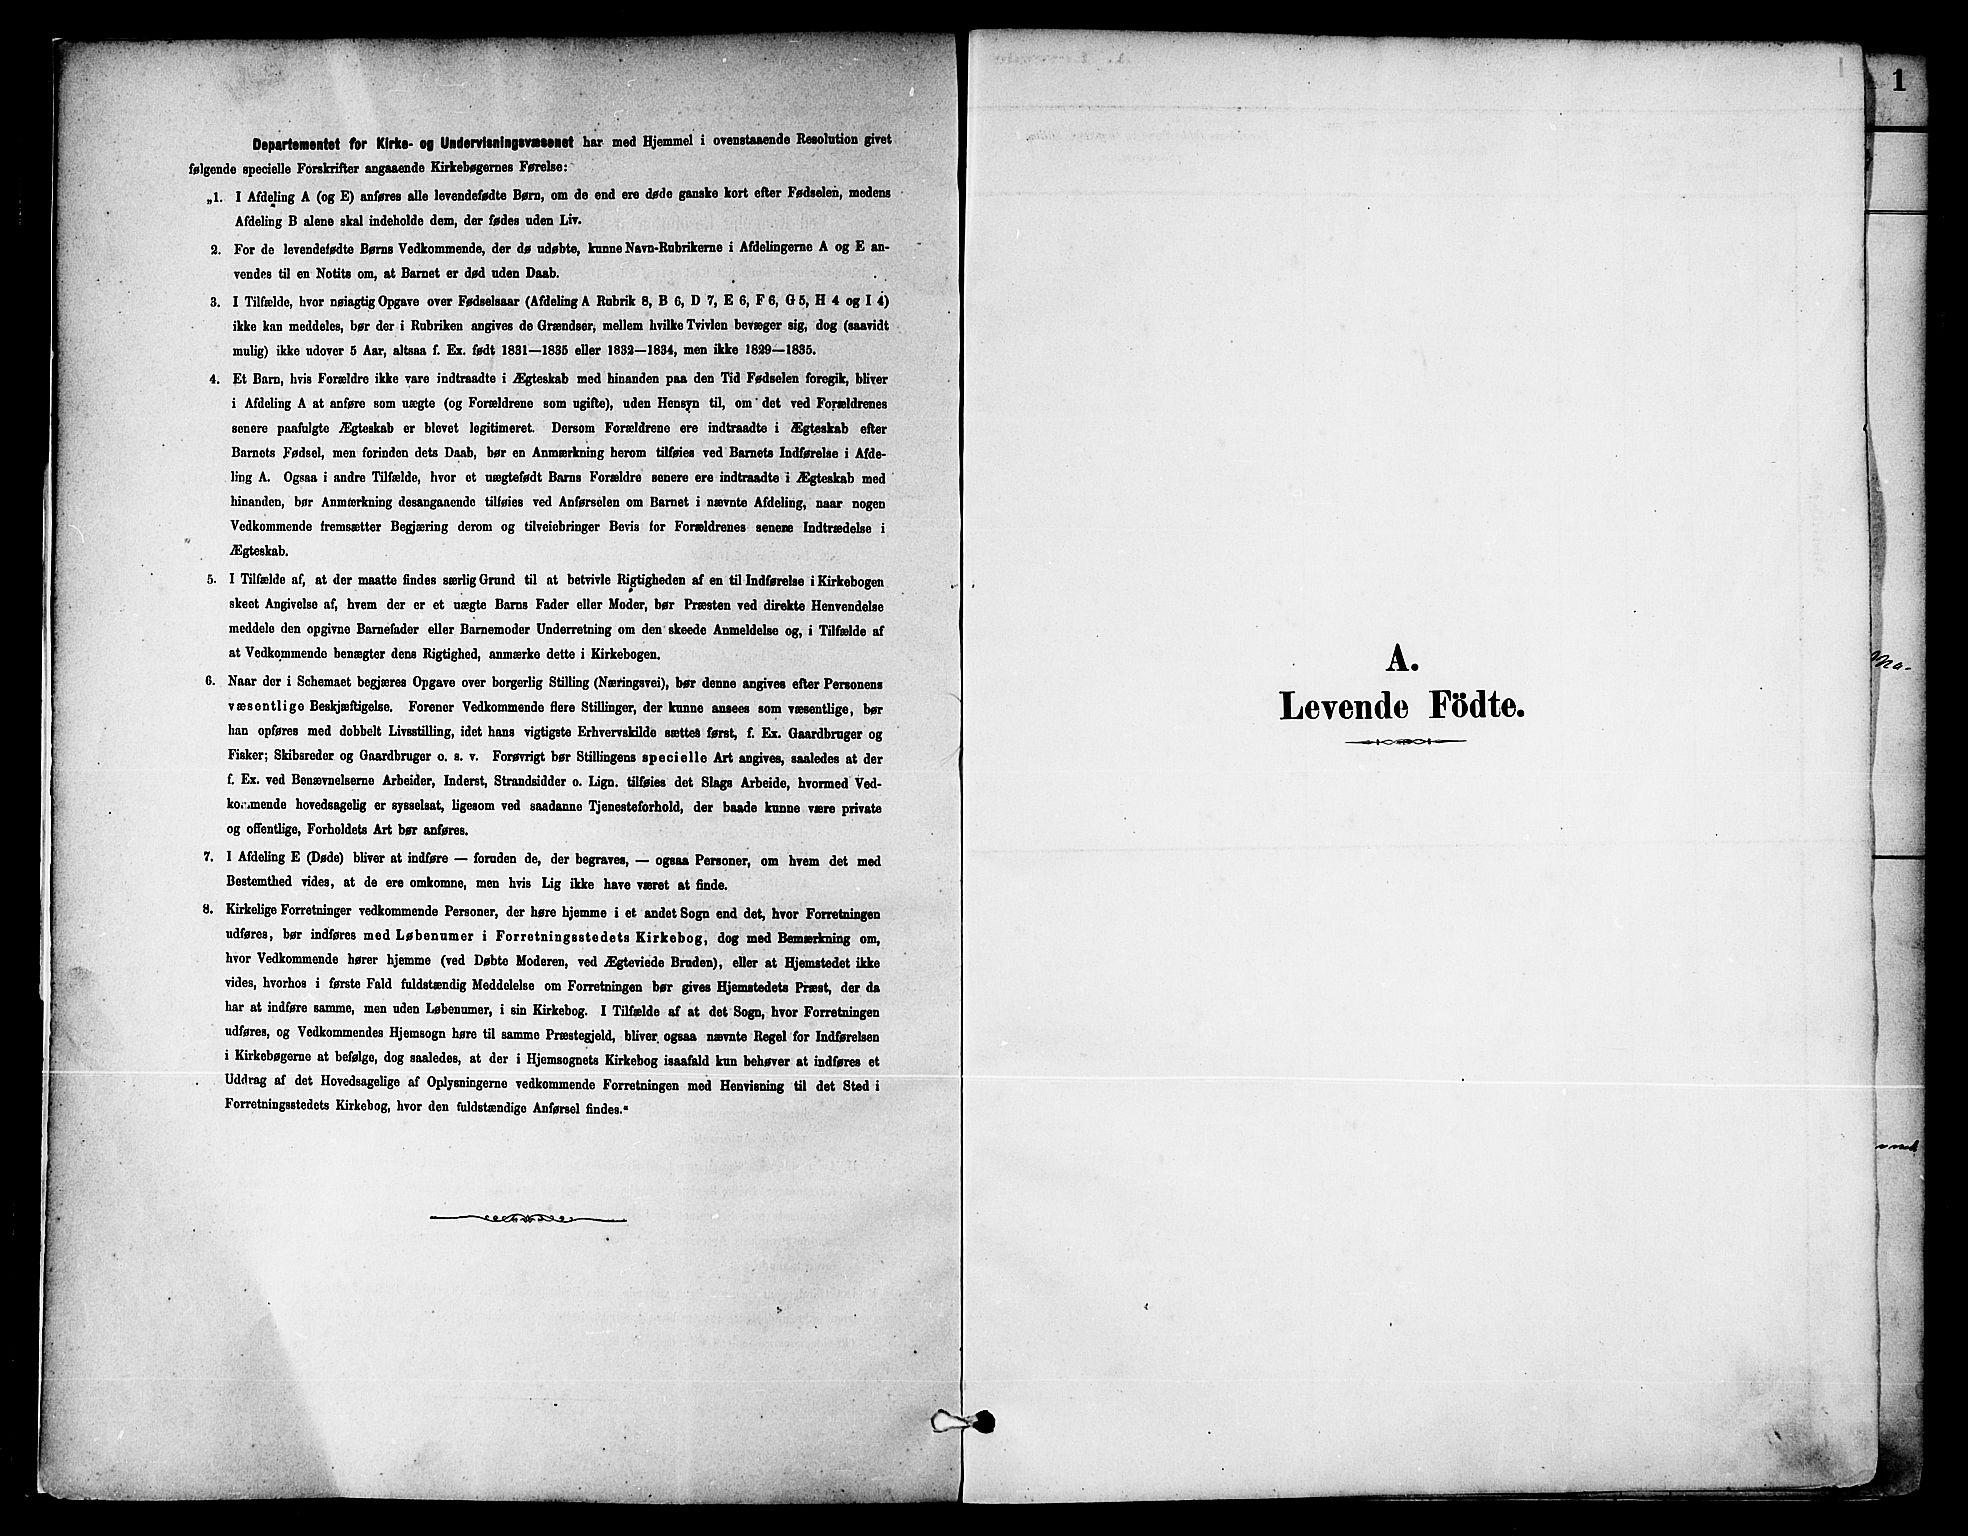 SAT, Ministerialprotokoller, klokkerbøker og fødselsregistre - Nord-Trøndelag, 739/L0371: Ministerialbok nr. 739A03, 1881-1895